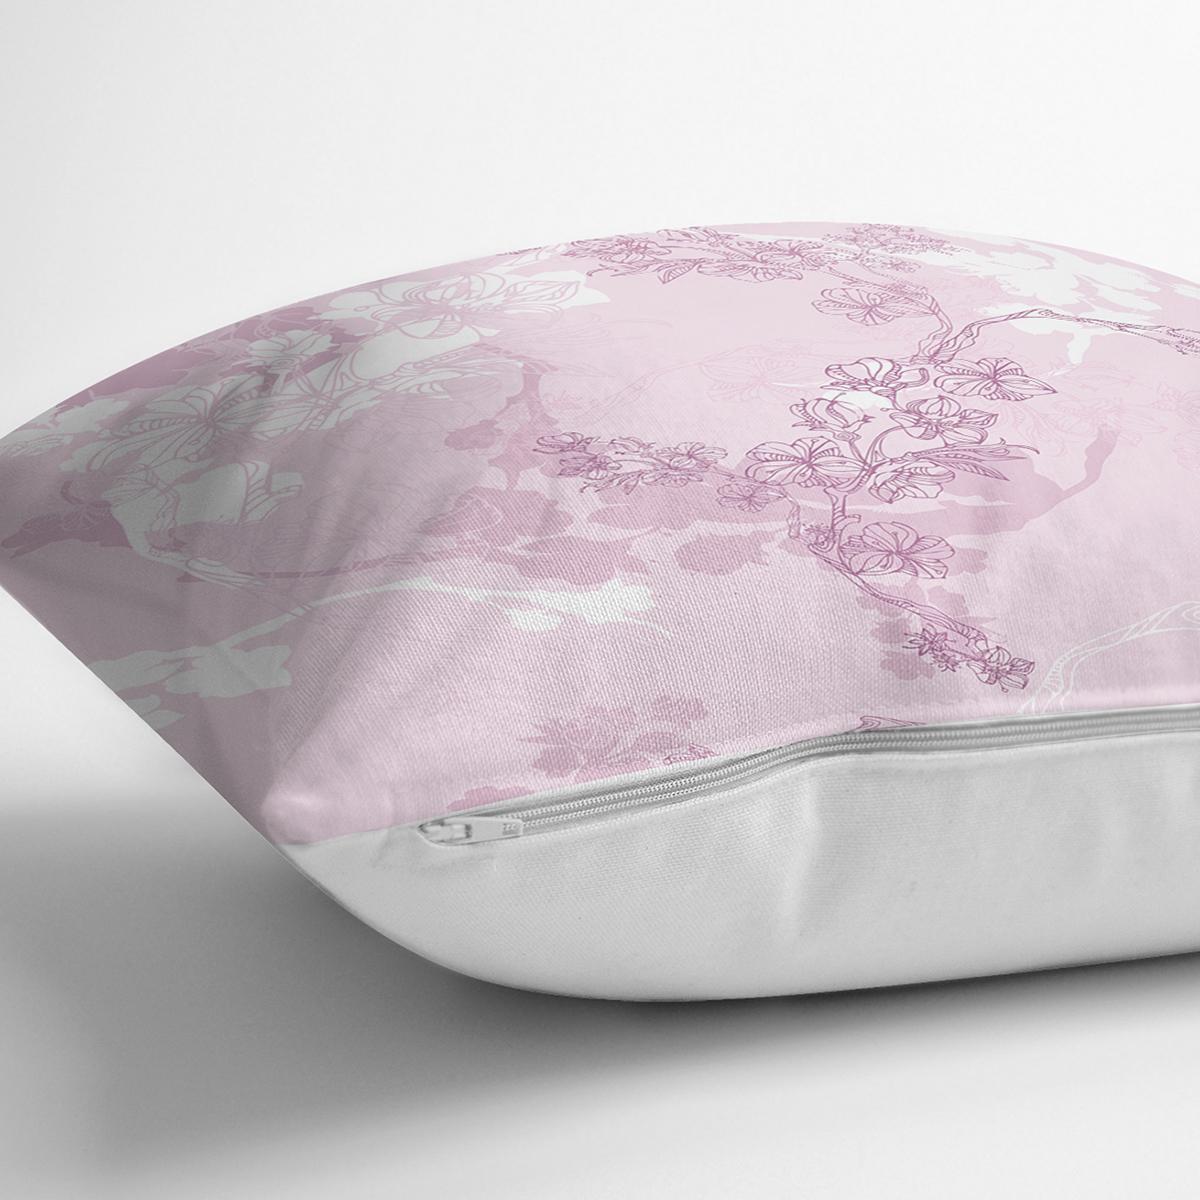 Pembe Zemin Üzerinde Sarmaşık Desenli Dijital Baskılı Modern Yastık Kırlent Kılıfı Realhomes